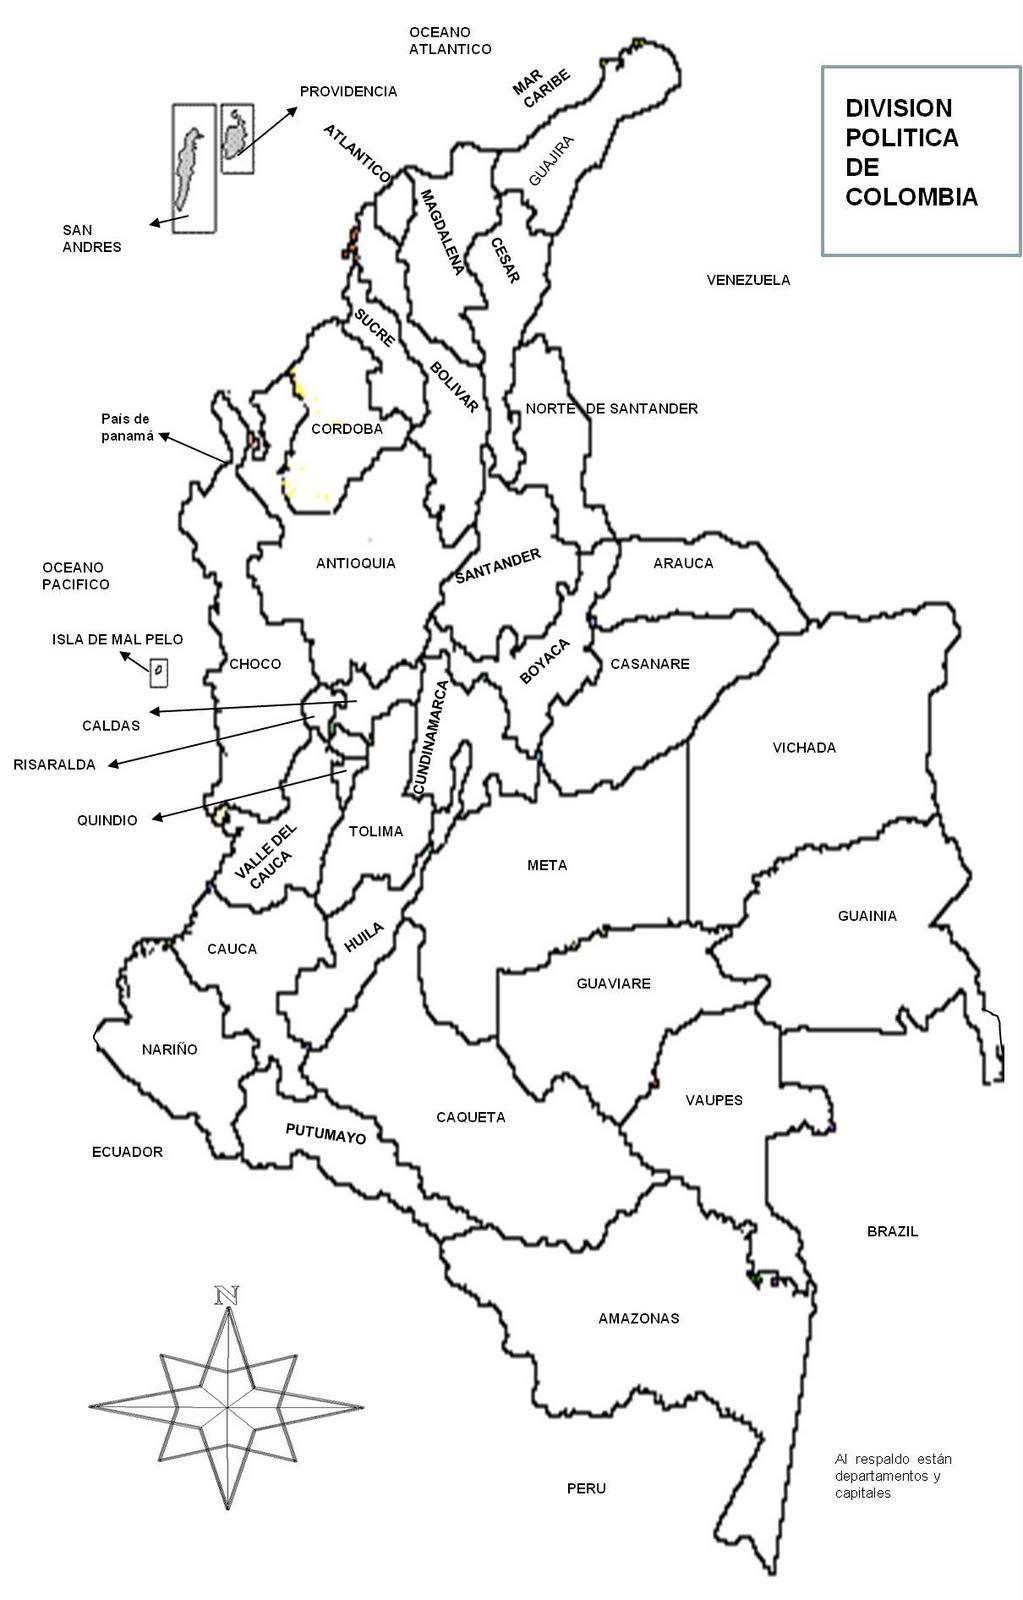 croqui mapa El Croquis Del Mapa De Colombia croqui mapa